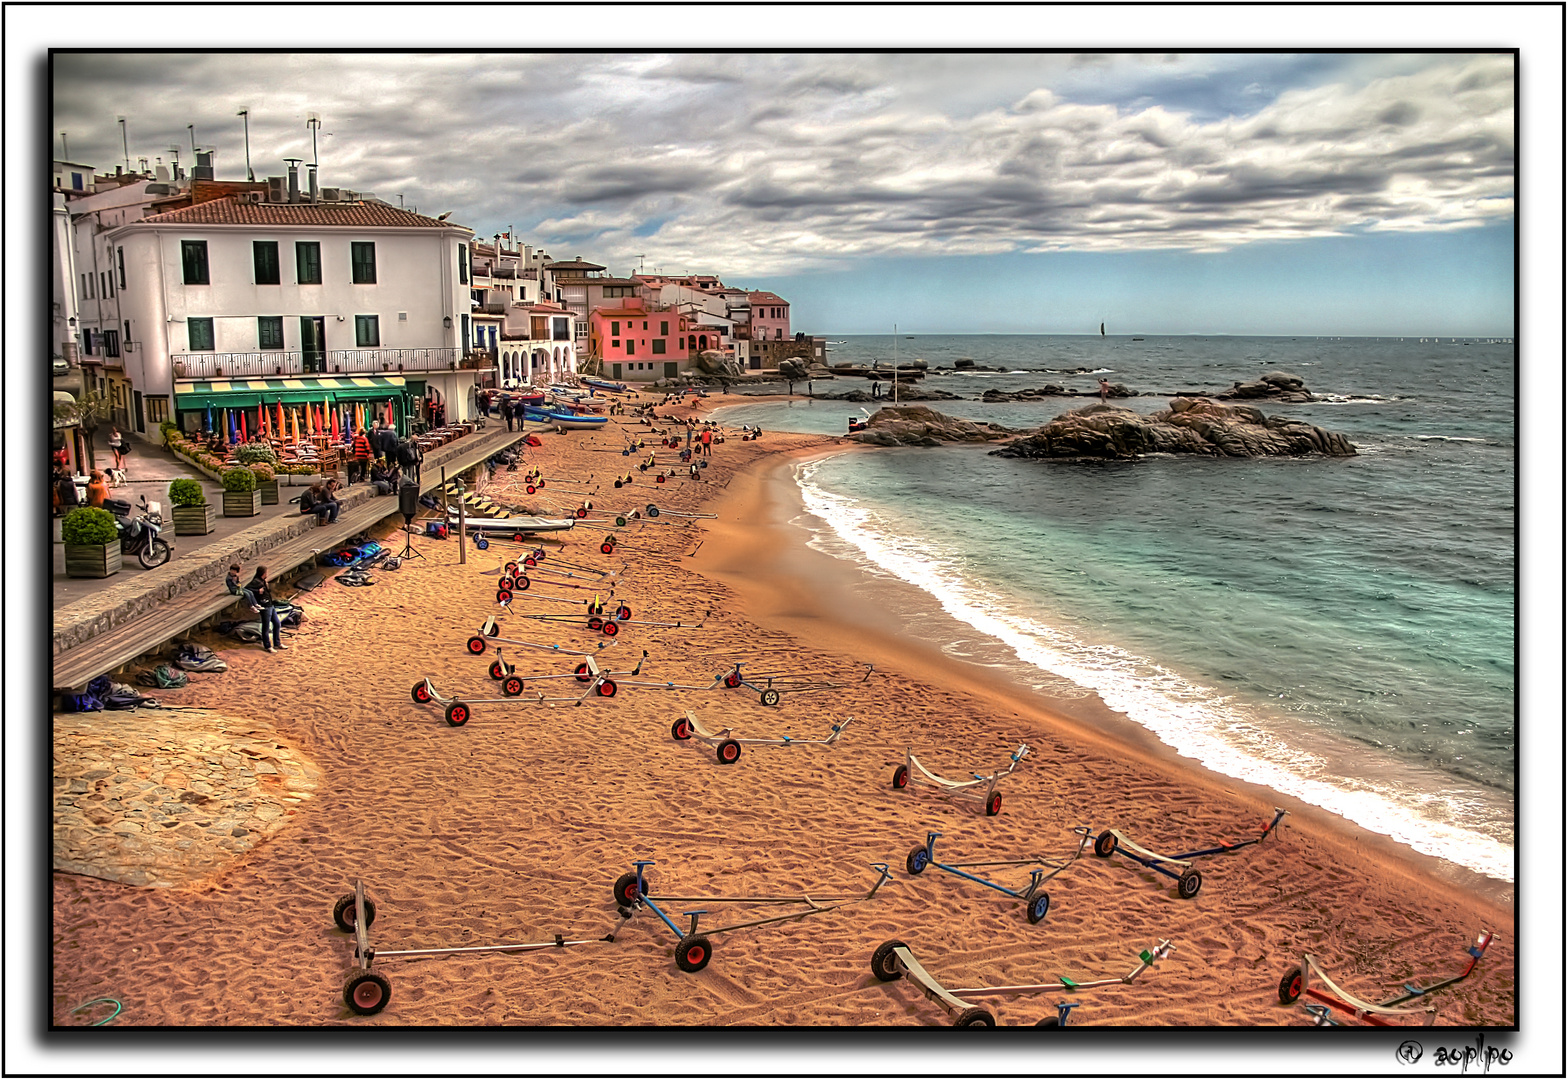 Playa ocupada (Durante la regata, en Calella de Palafrugell-Girona)